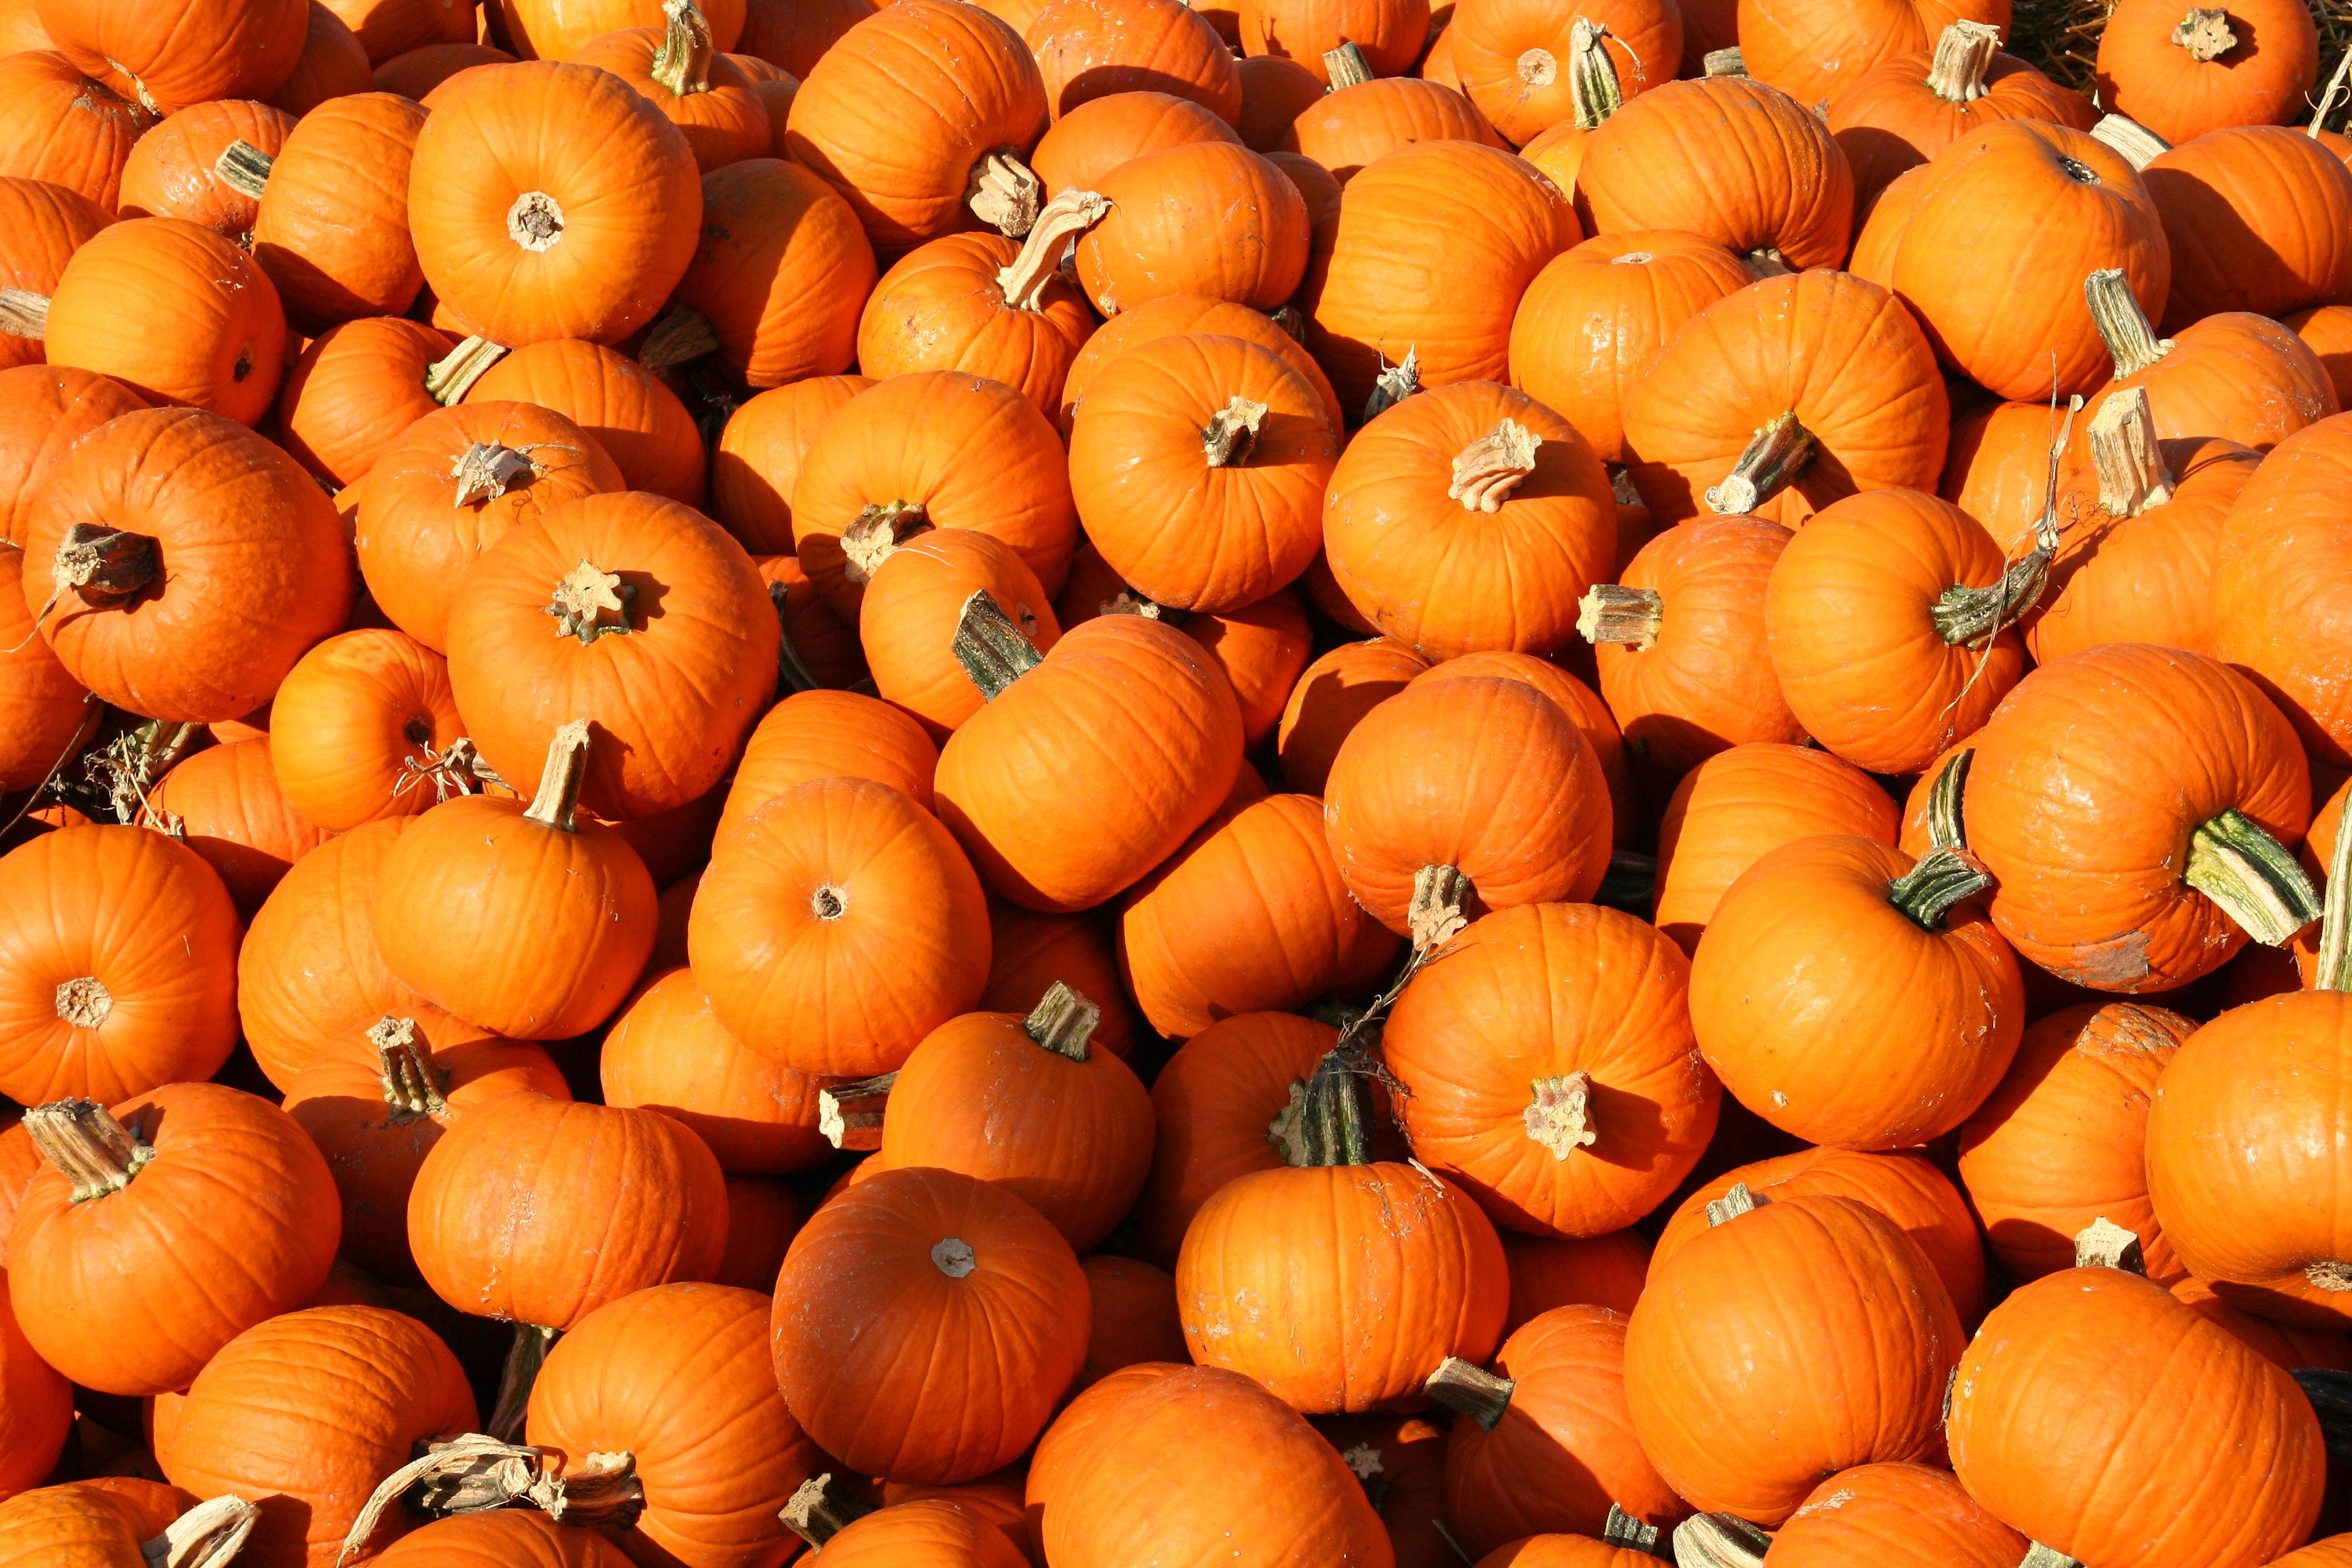 Android wallpaper fall colors - Fall wallpaper pumpkins ...